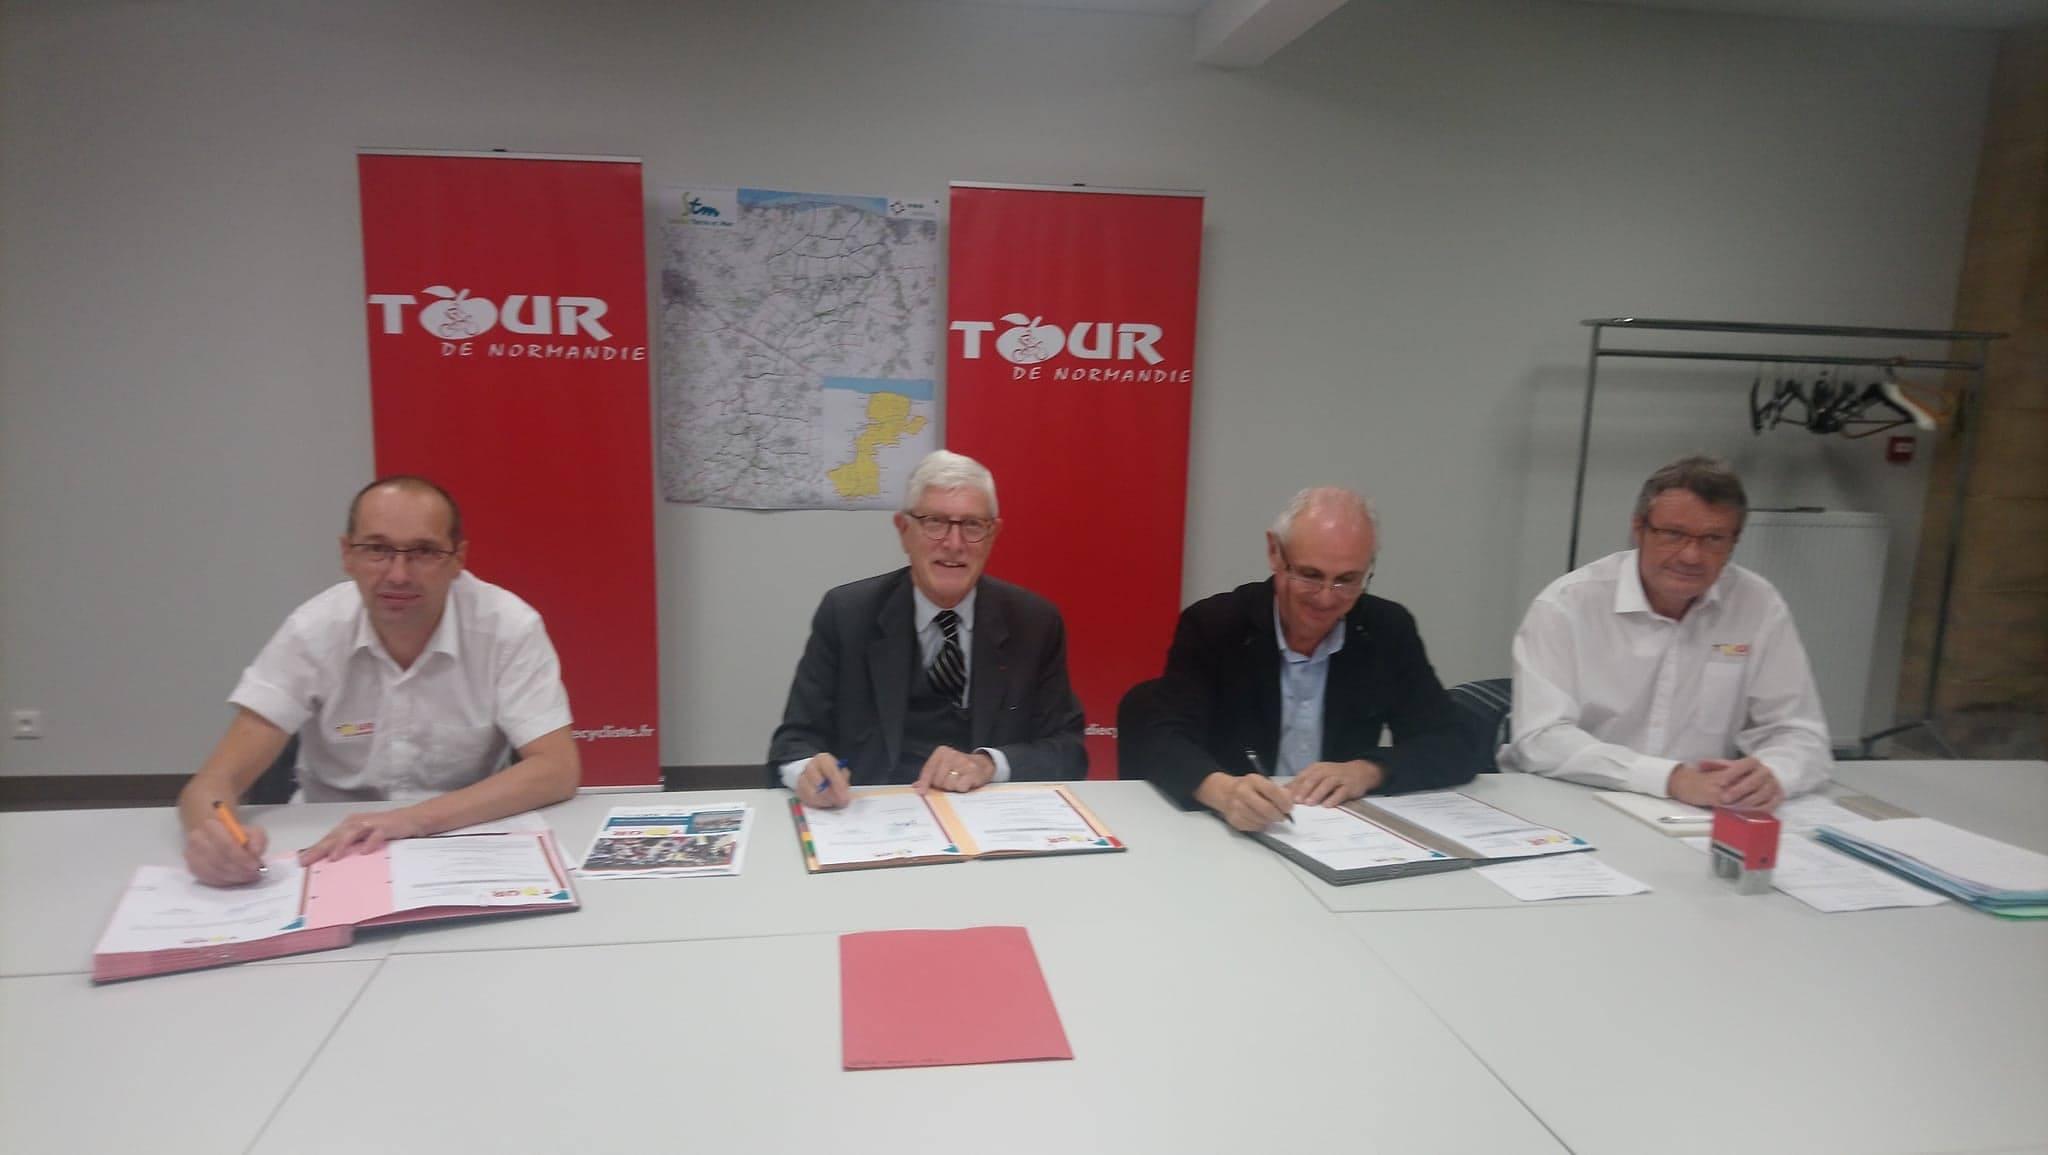 La Communauté de communes Seulles Terre et Mer reçoit le Tour 2019 à Tilly-sur-Seulles